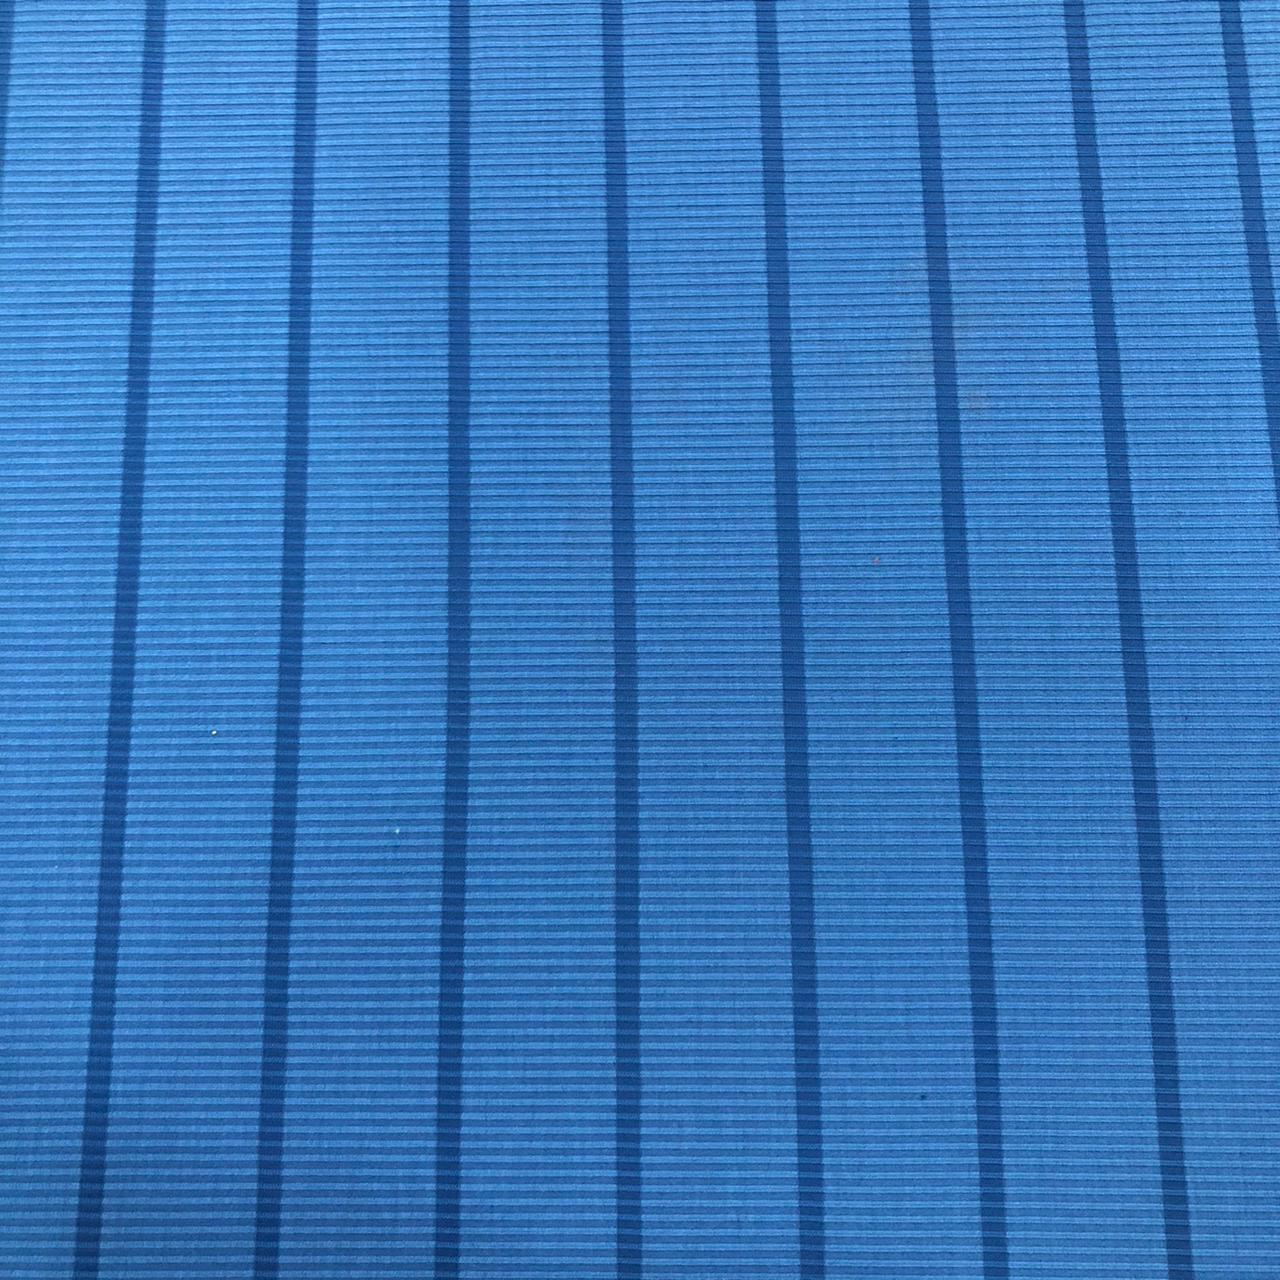 Tecido Malha Cotele Canelada 96%Poliéster 4%Elastano Azul